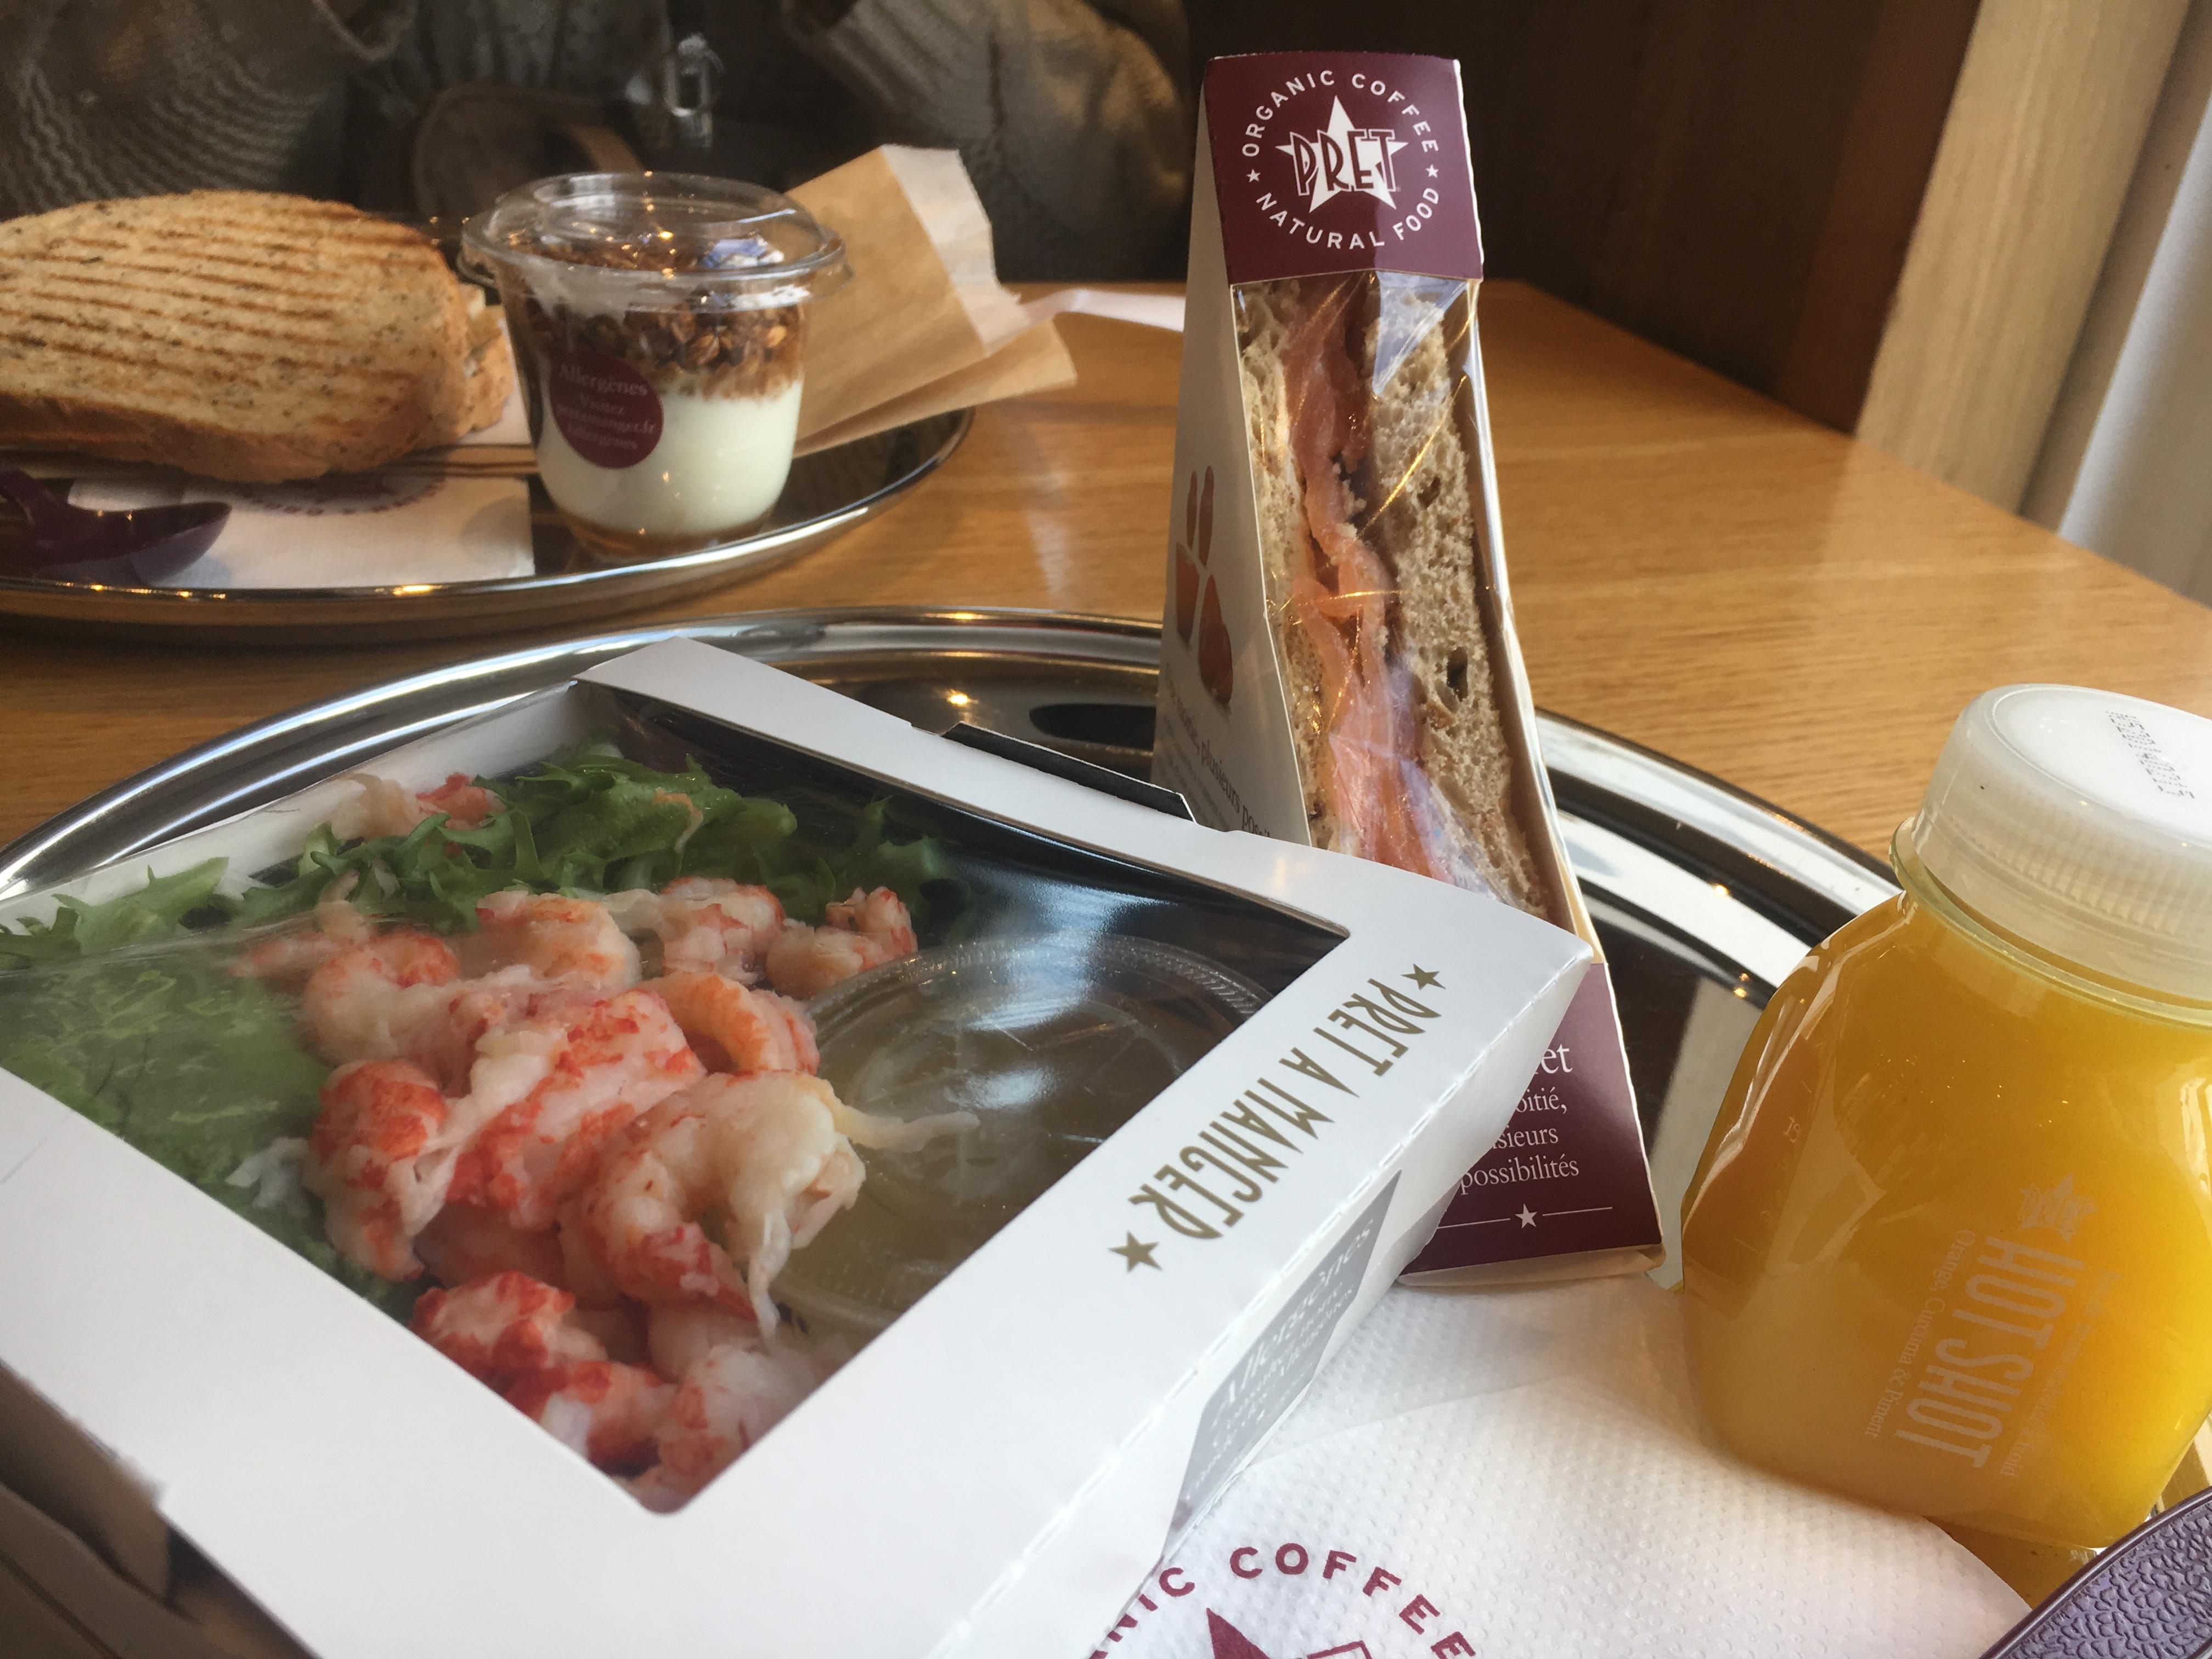 これからフランス旅行を考えている人に見てほしいブログ③〜フランス2日目〜_1_4-1